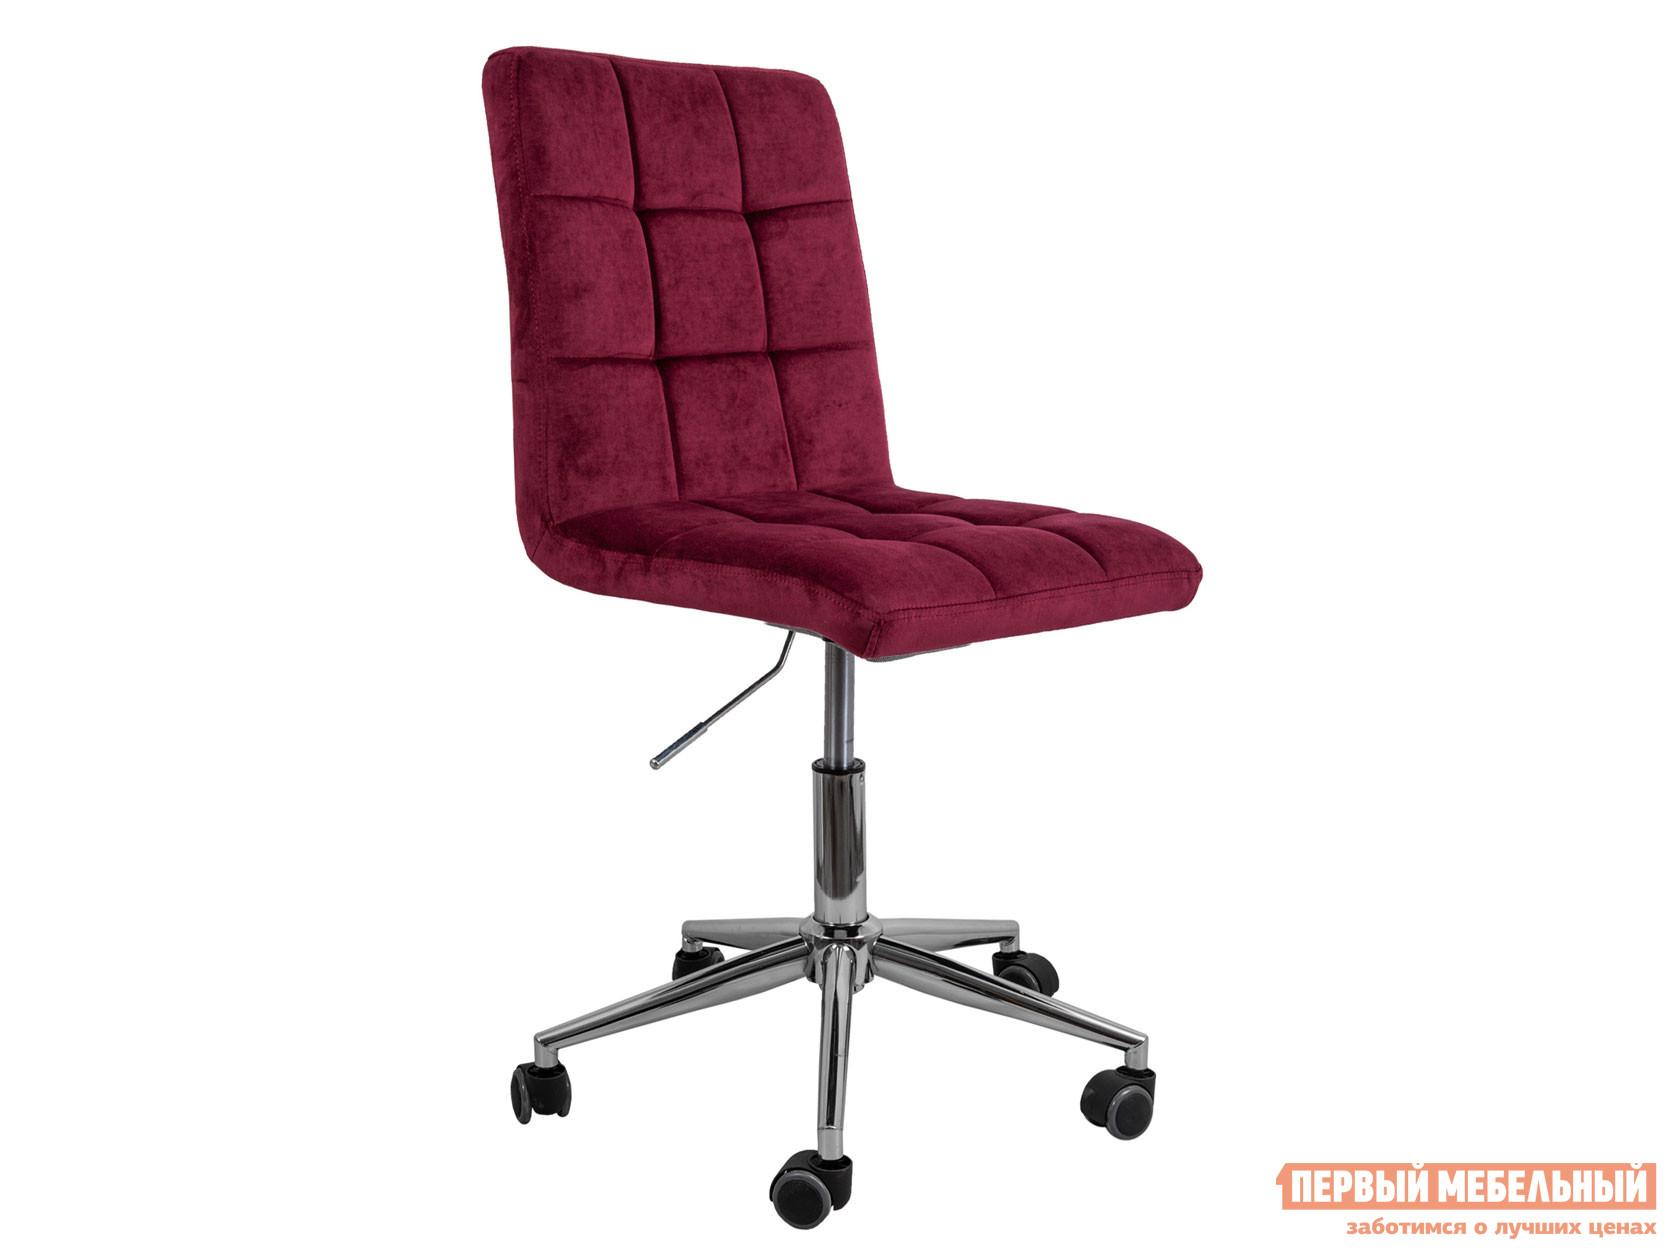 Офисное кресло  Стул FIJI, поворотный Винный, велюр / Хром Sedia 124859